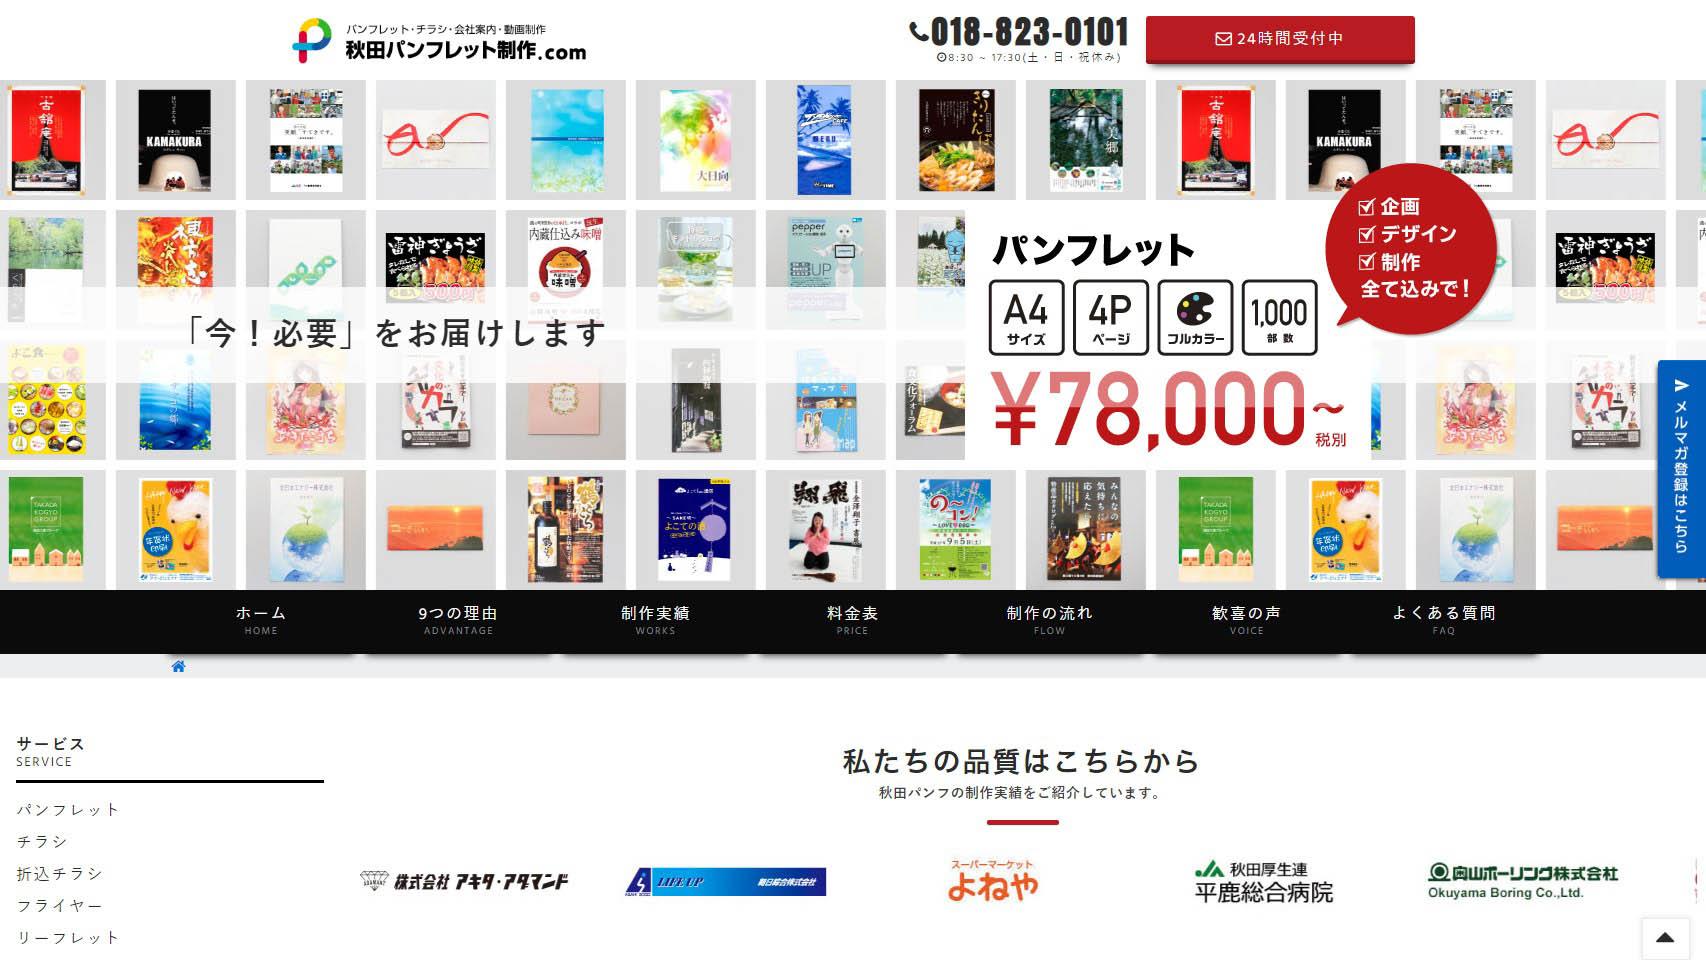 秋田パンフレット制作.com様のサイトイメージ